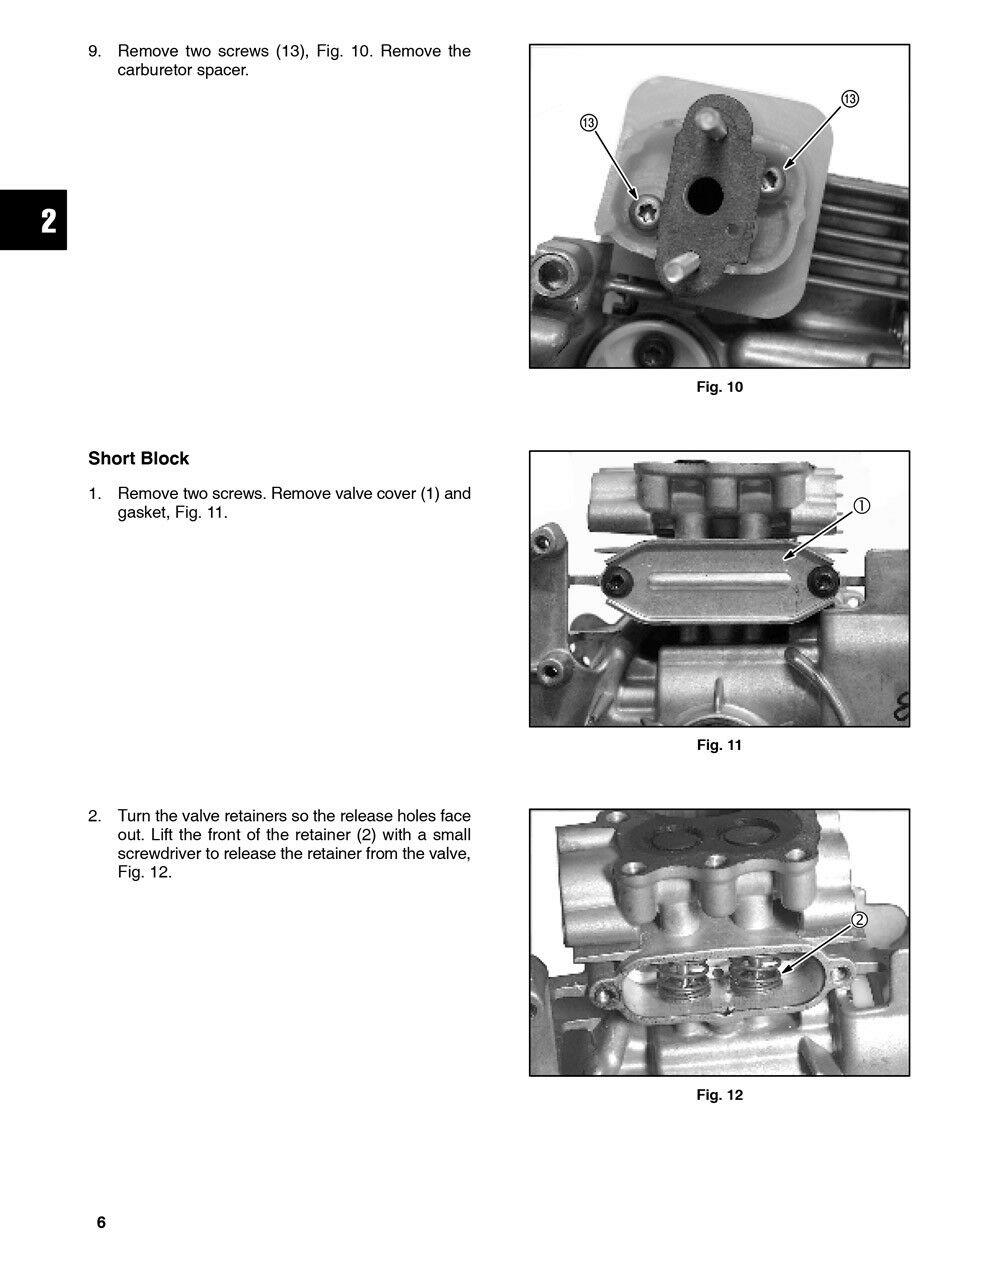 Briggs and stratton 550ex manual